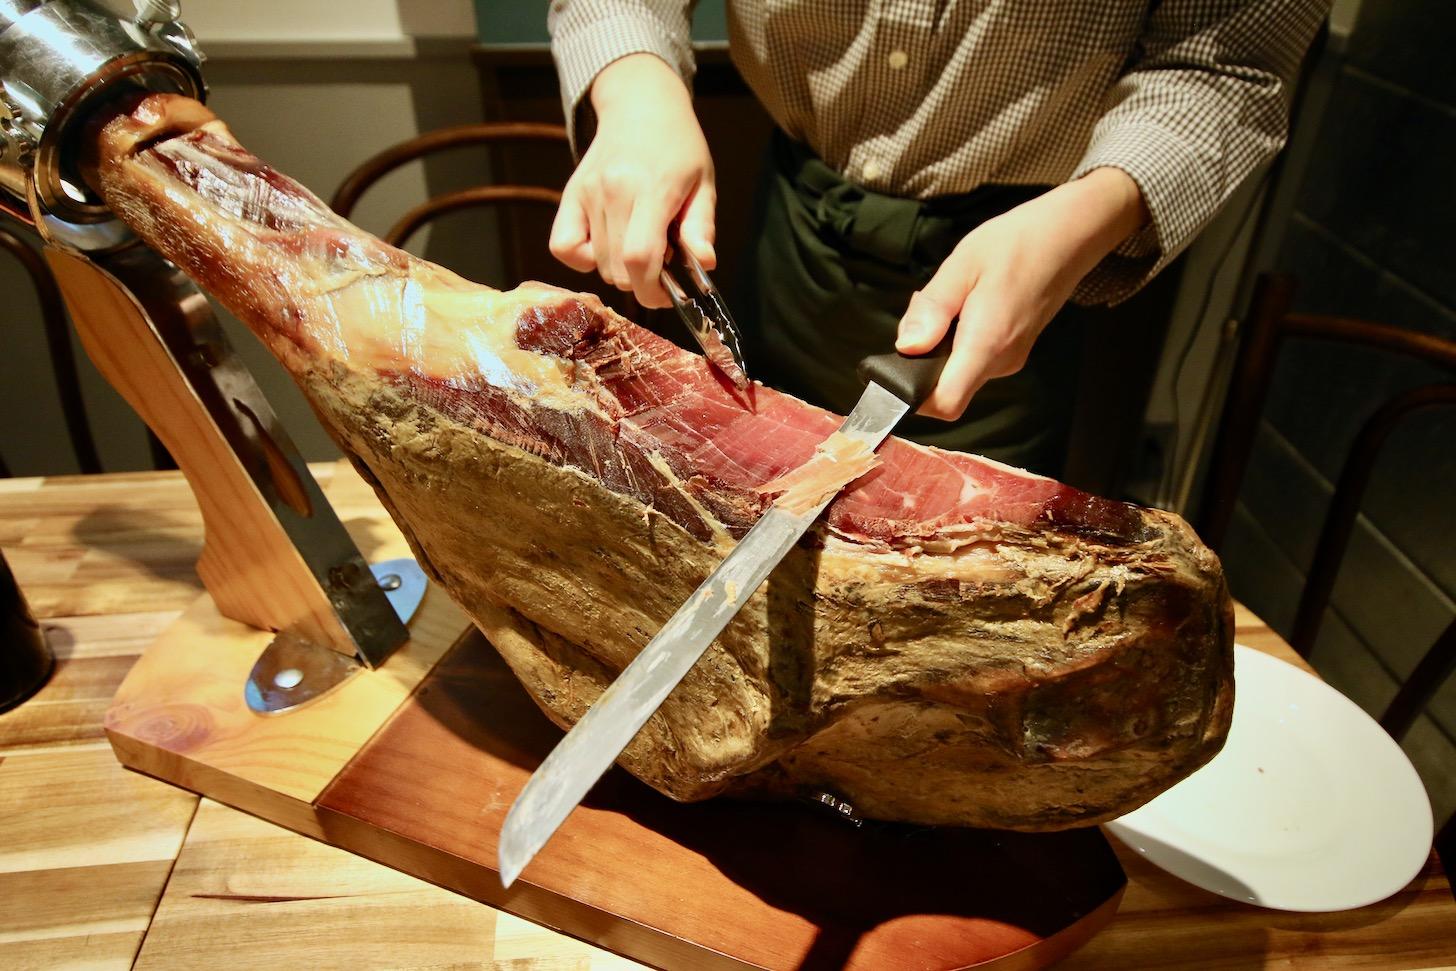 MARBLE ARCH スペイン産の白豚からつくった「ハモン・セラーノ」生ハム